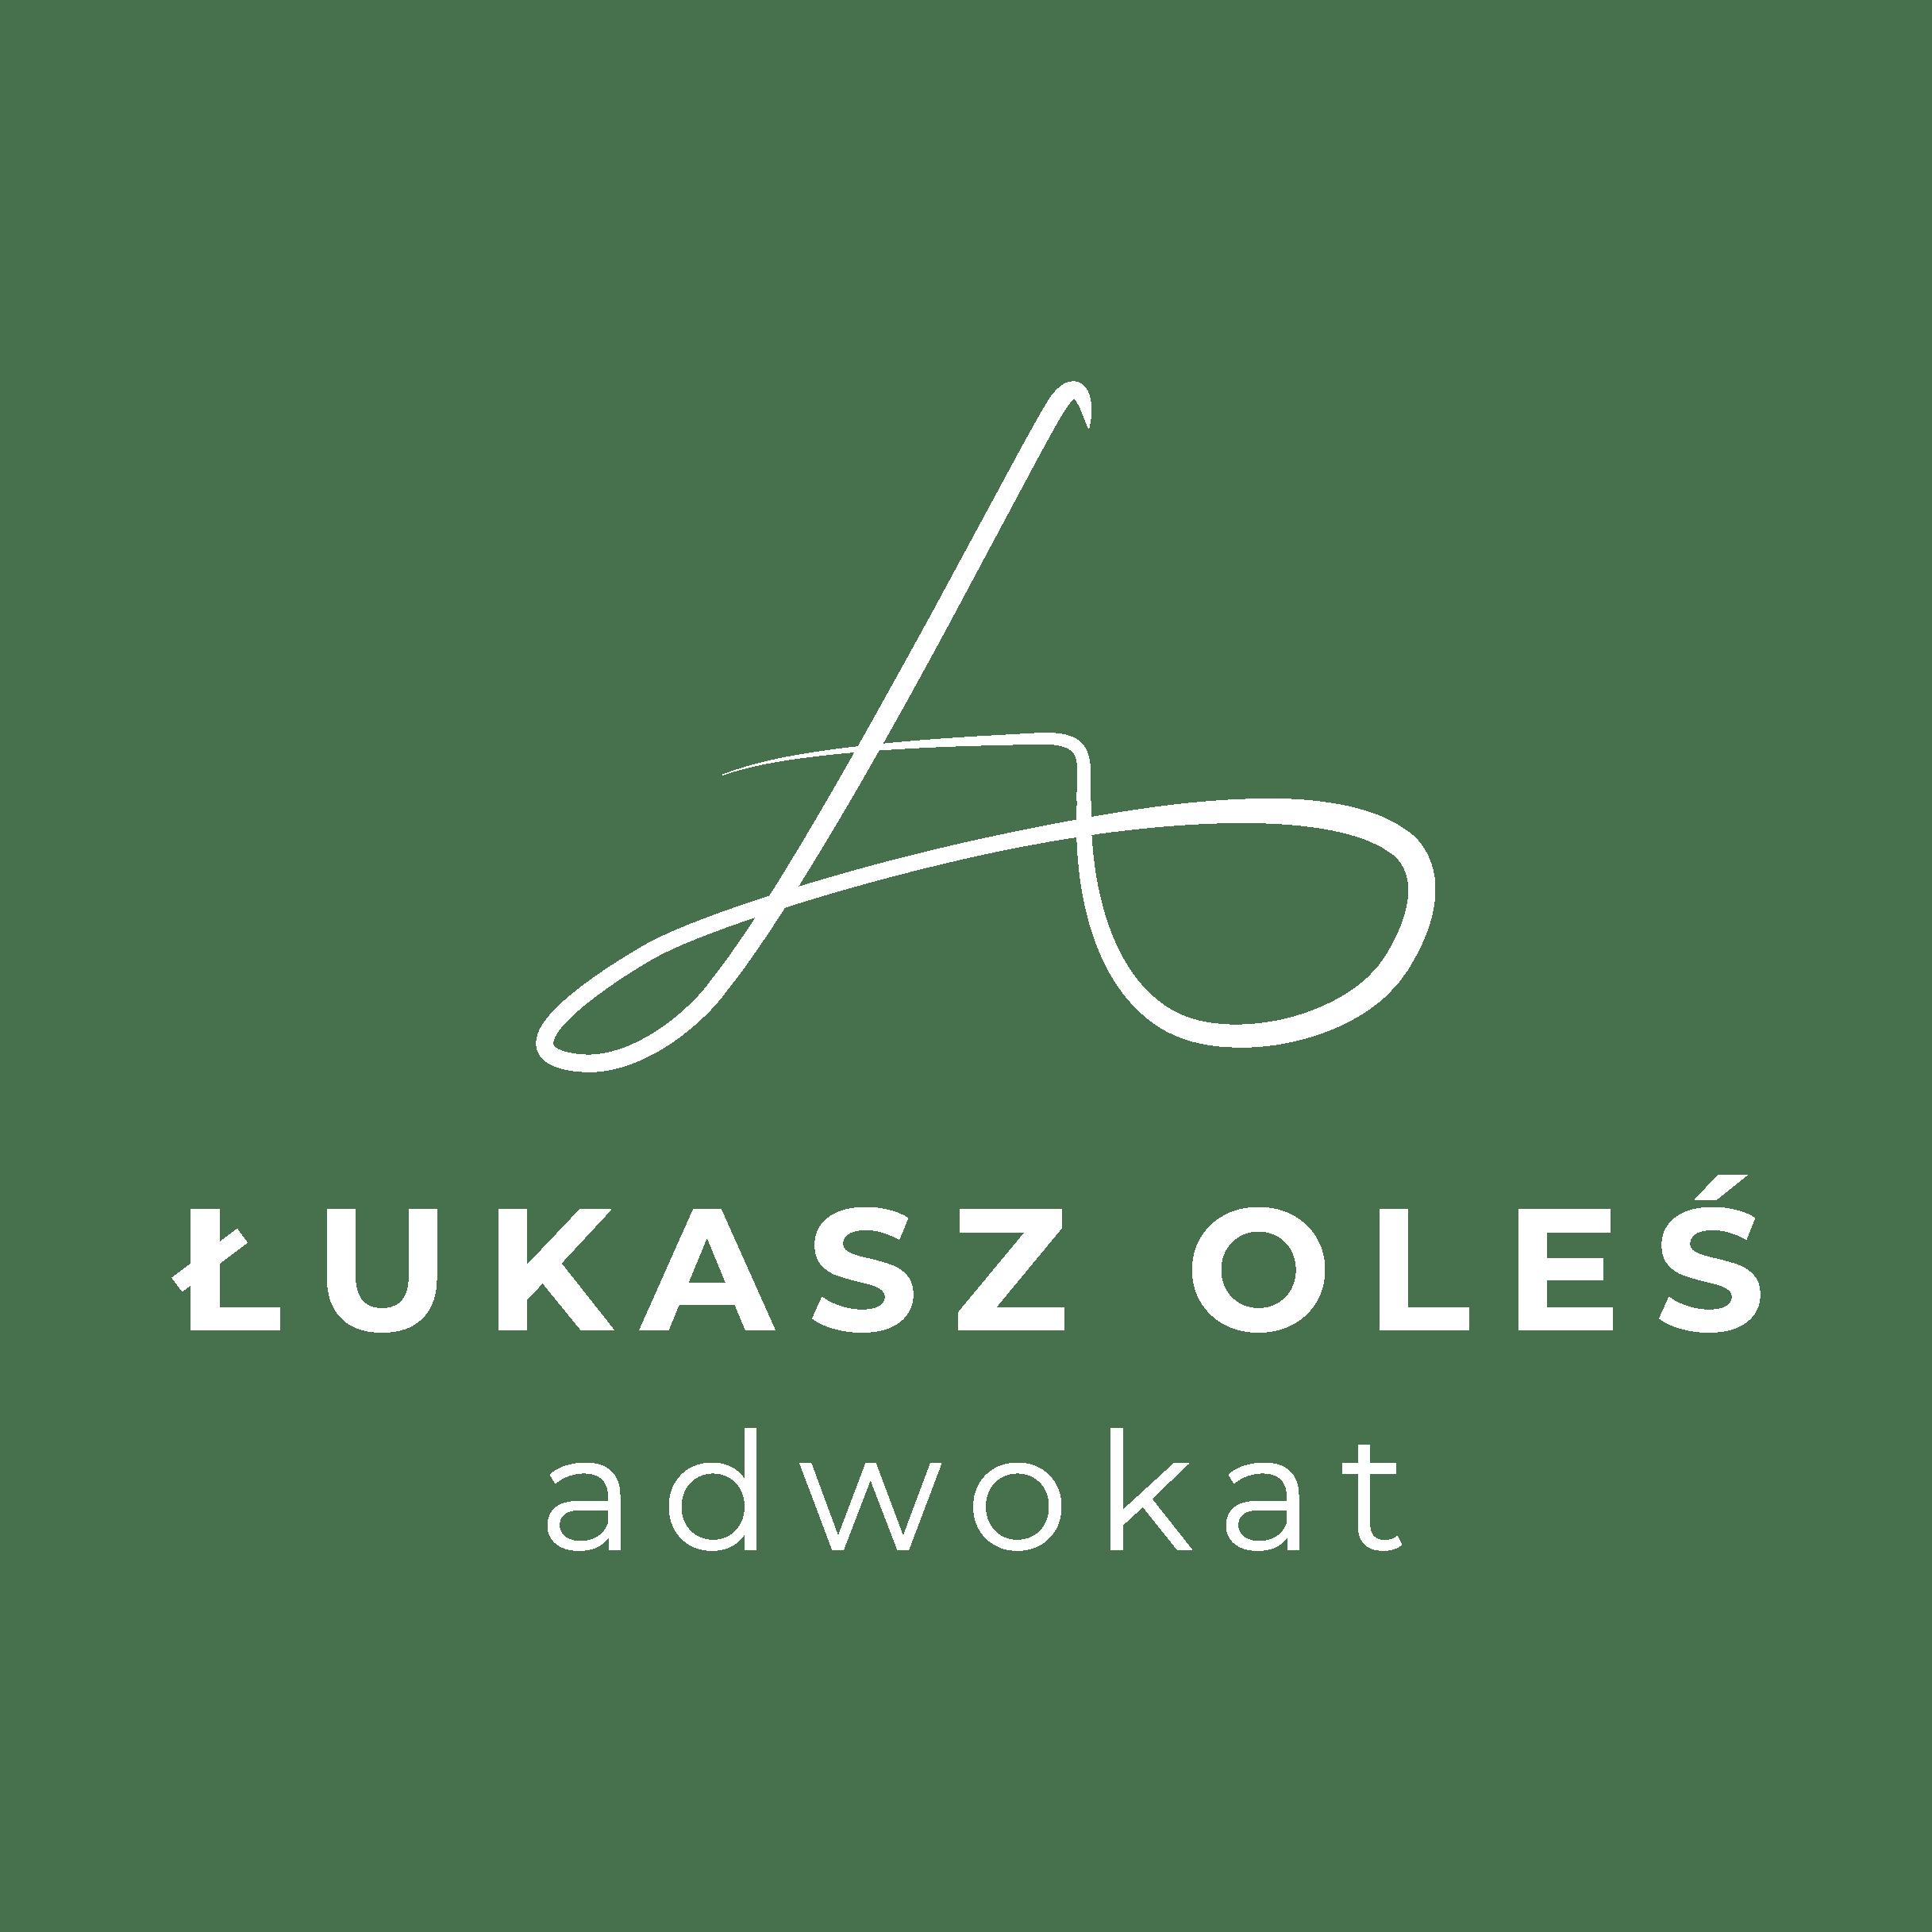 Adwokat Łukasz Oleś